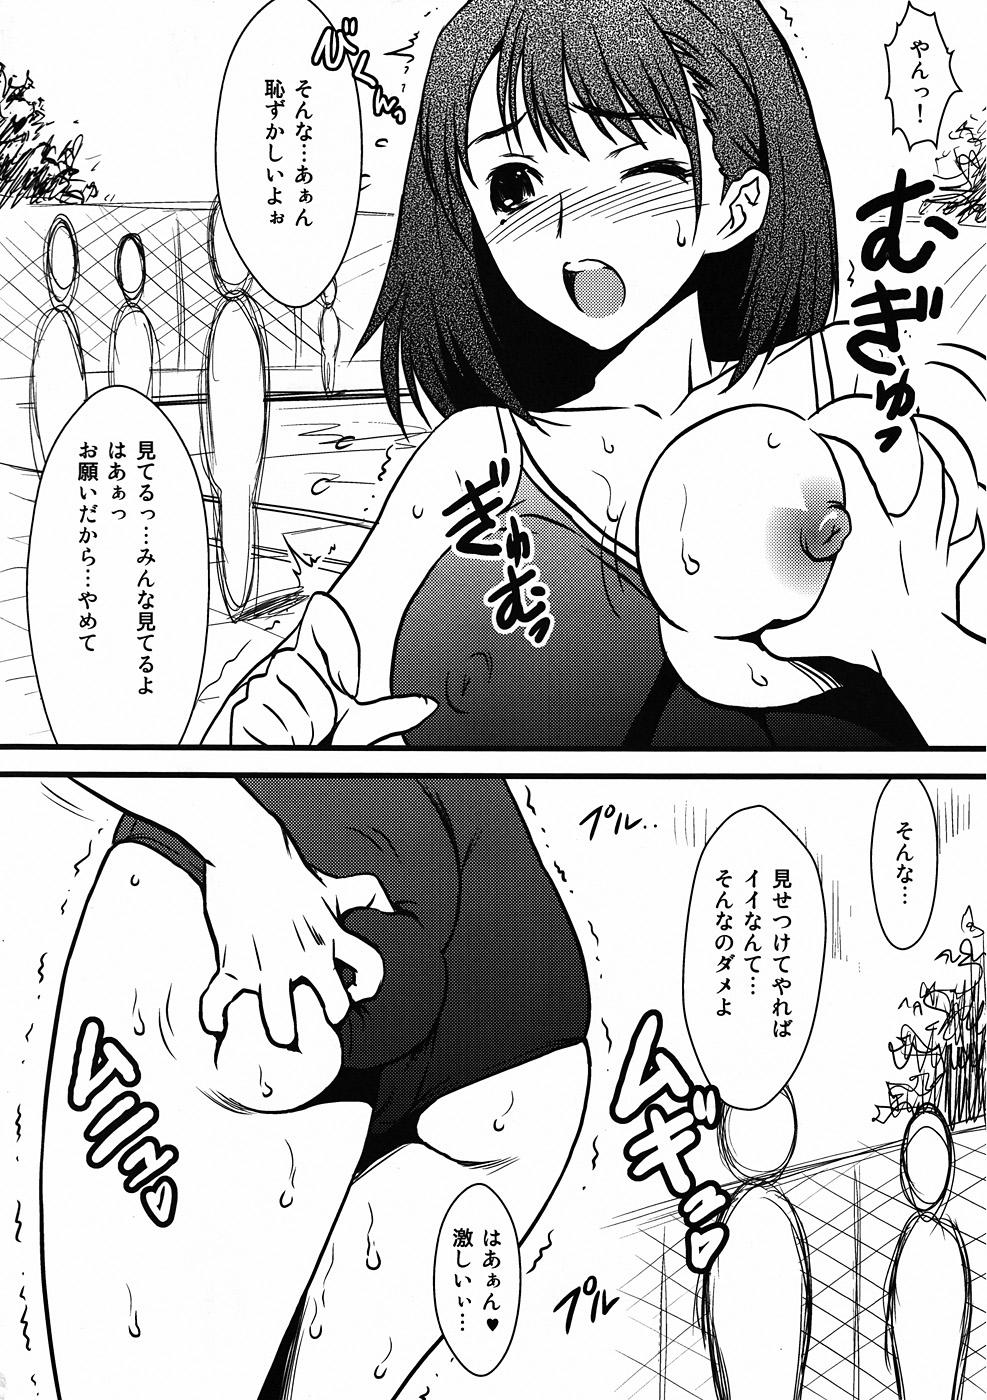 Yorokobi no Kuni Vol.13 Erosou de Erokunai Wake ga nai! Mono Sugoku Eroi Nene-san! 2